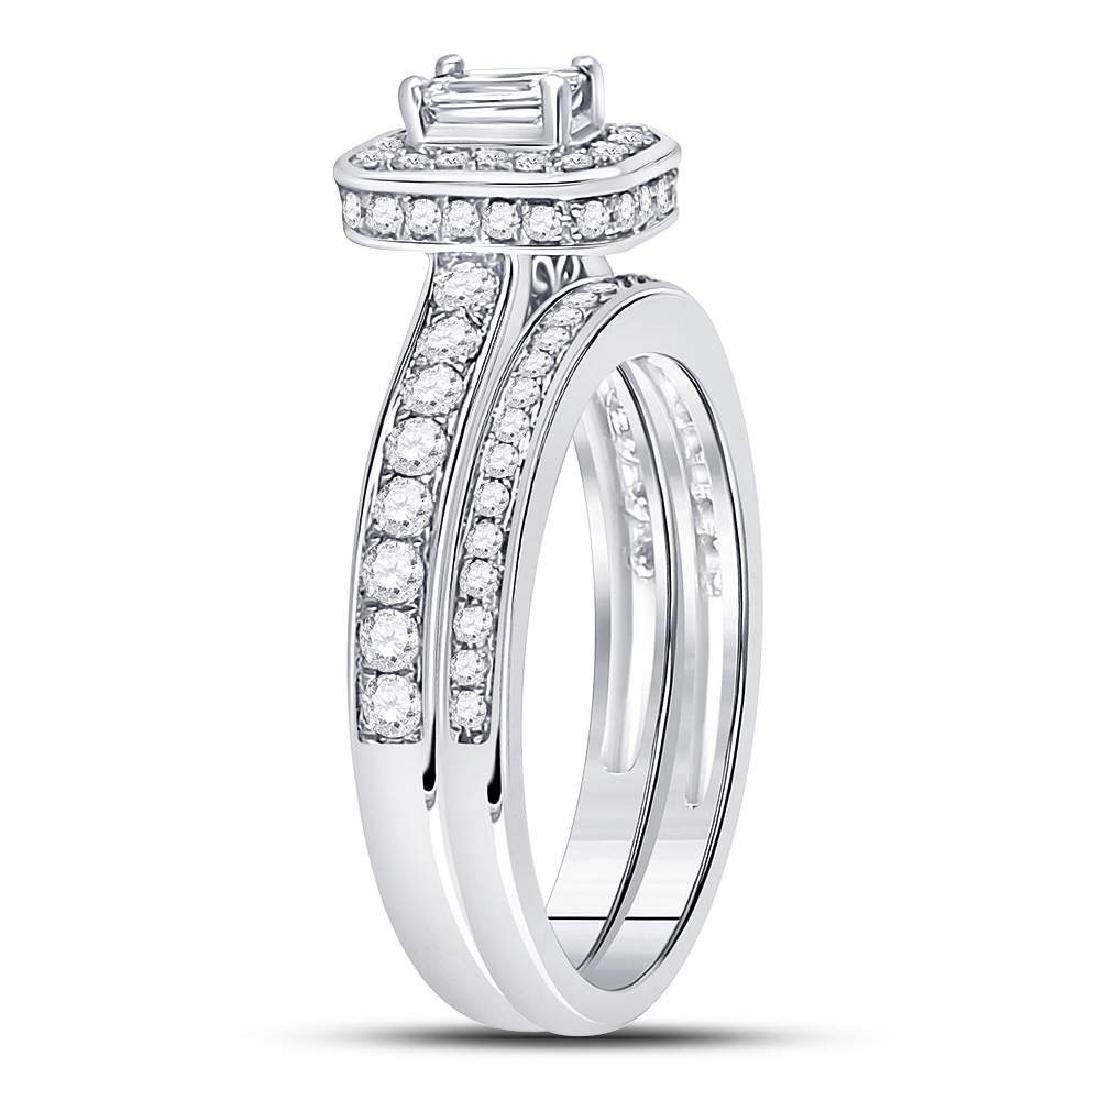 14kt White Gold Emerald Diamond Bridal Wedding Engageme - 3